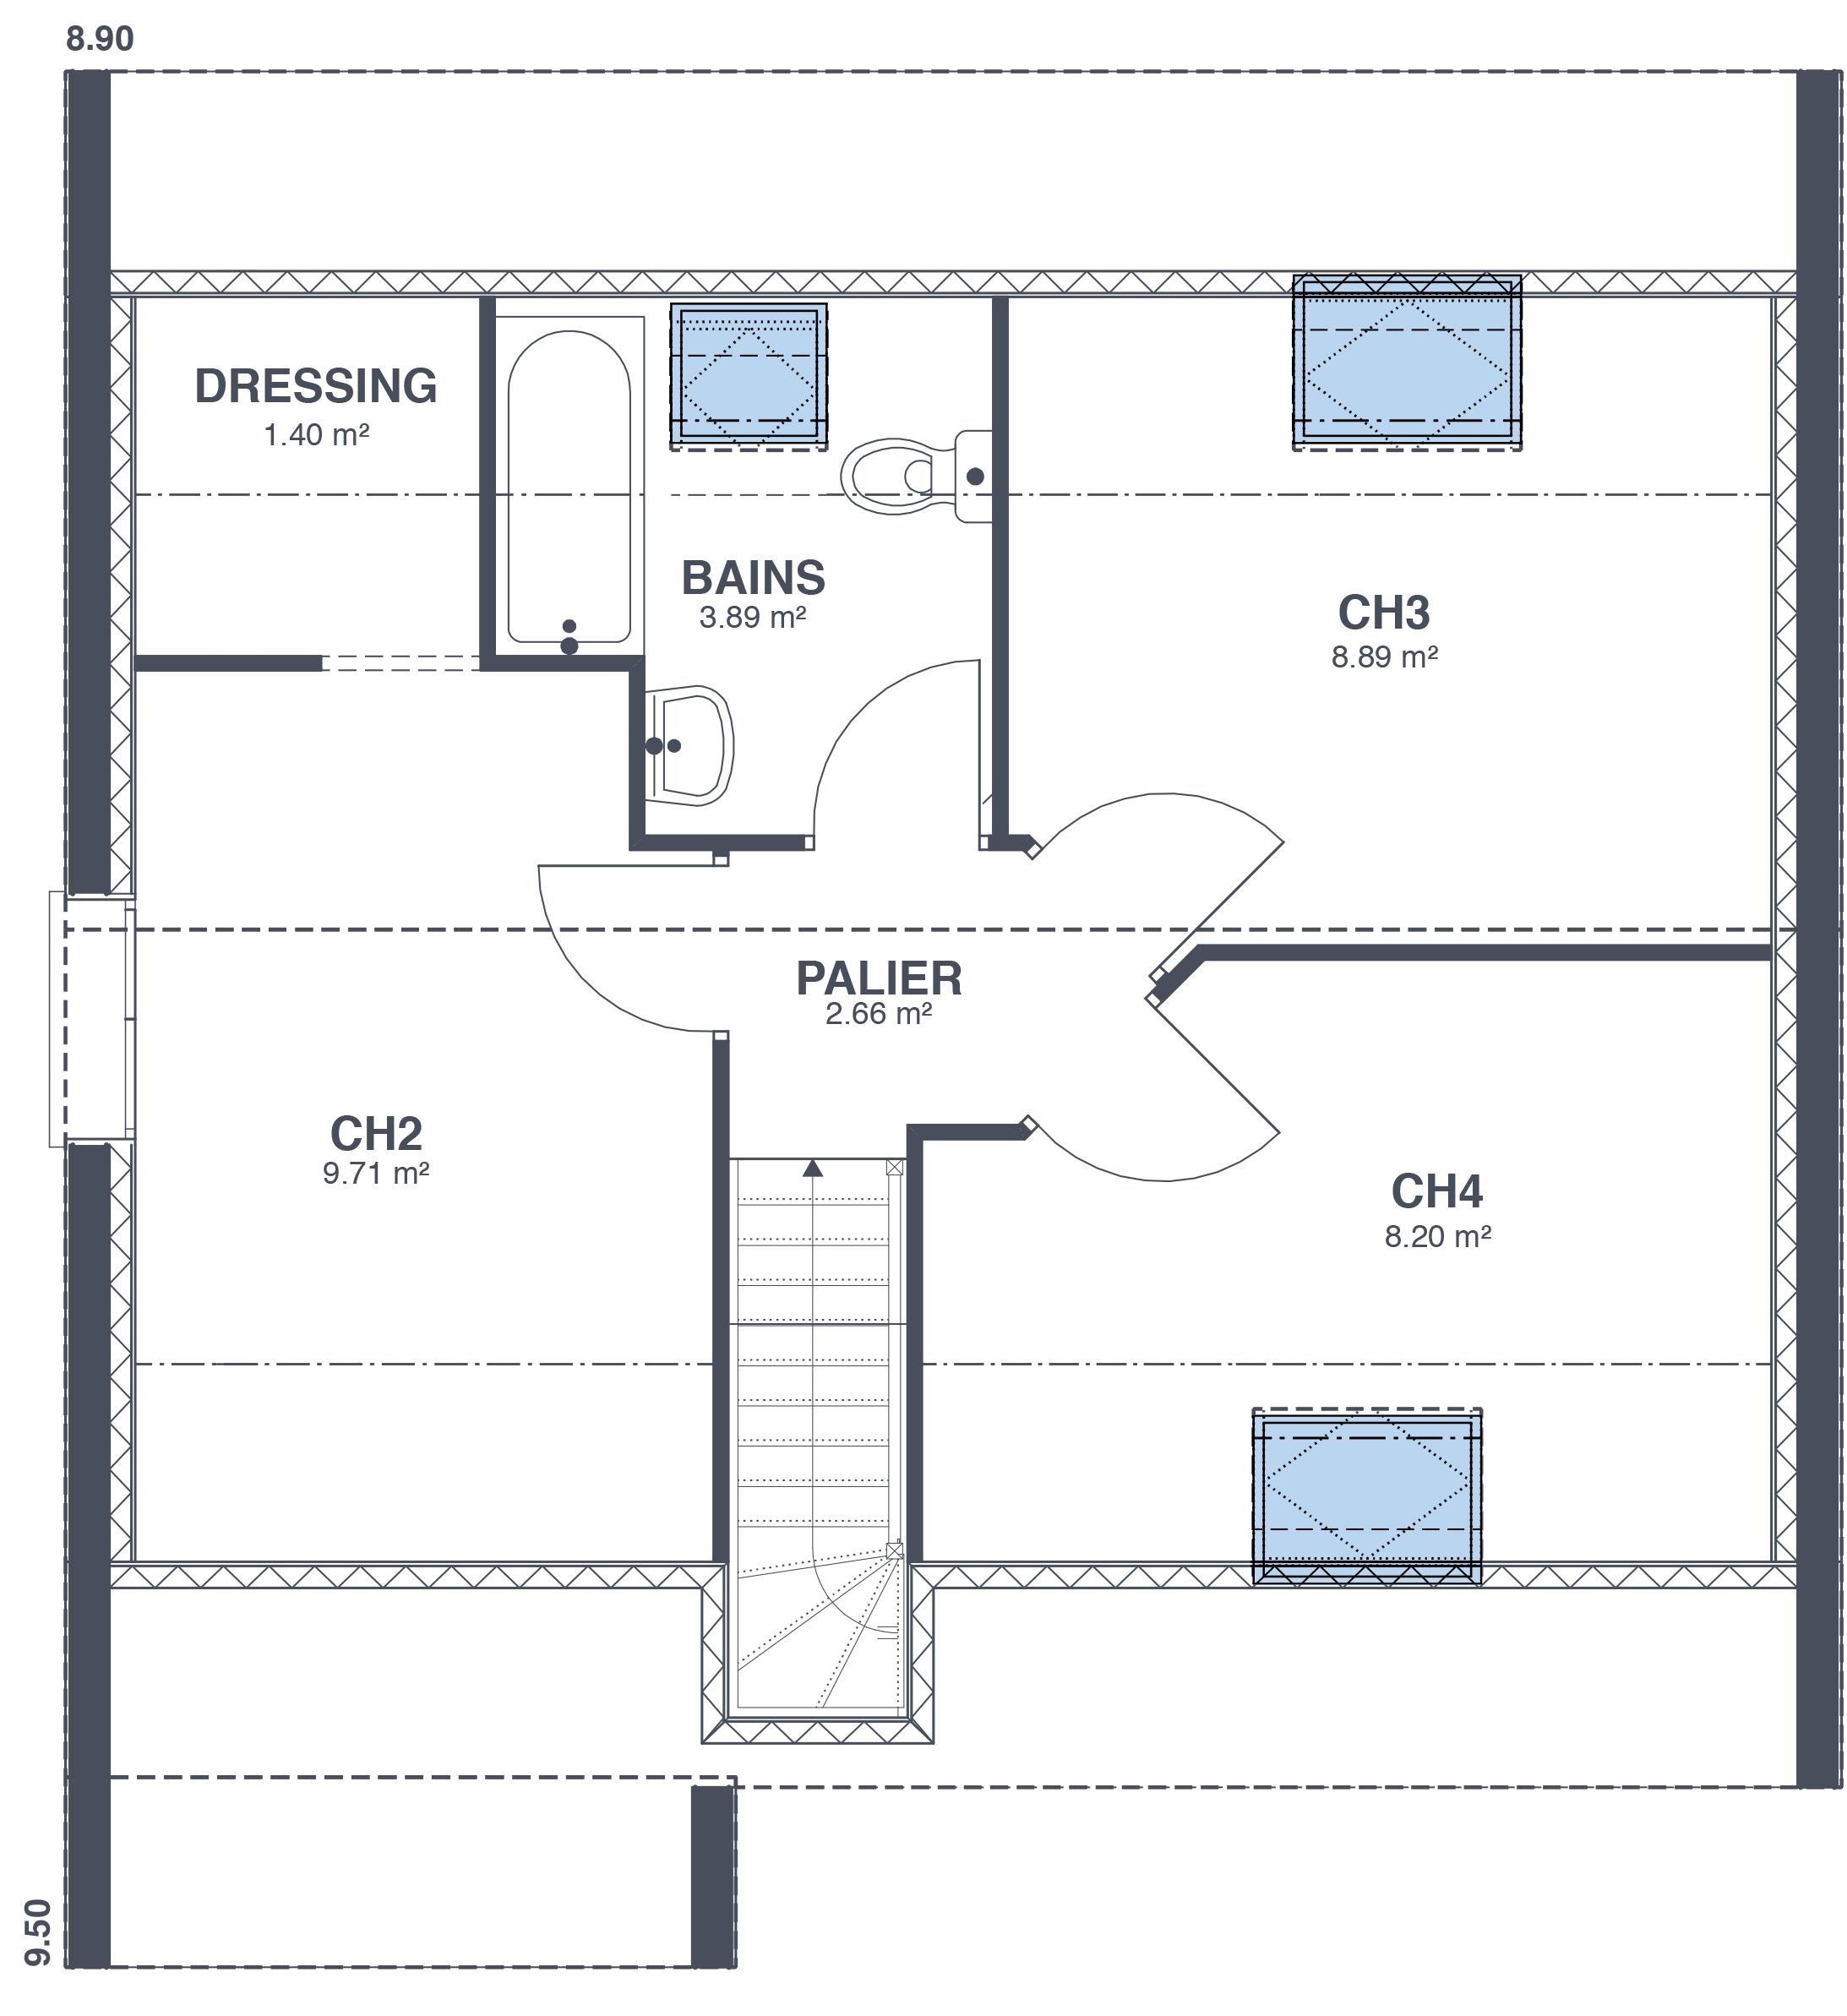 D coration maison design low cost 21 limoges plan - Maison bois low cost ...